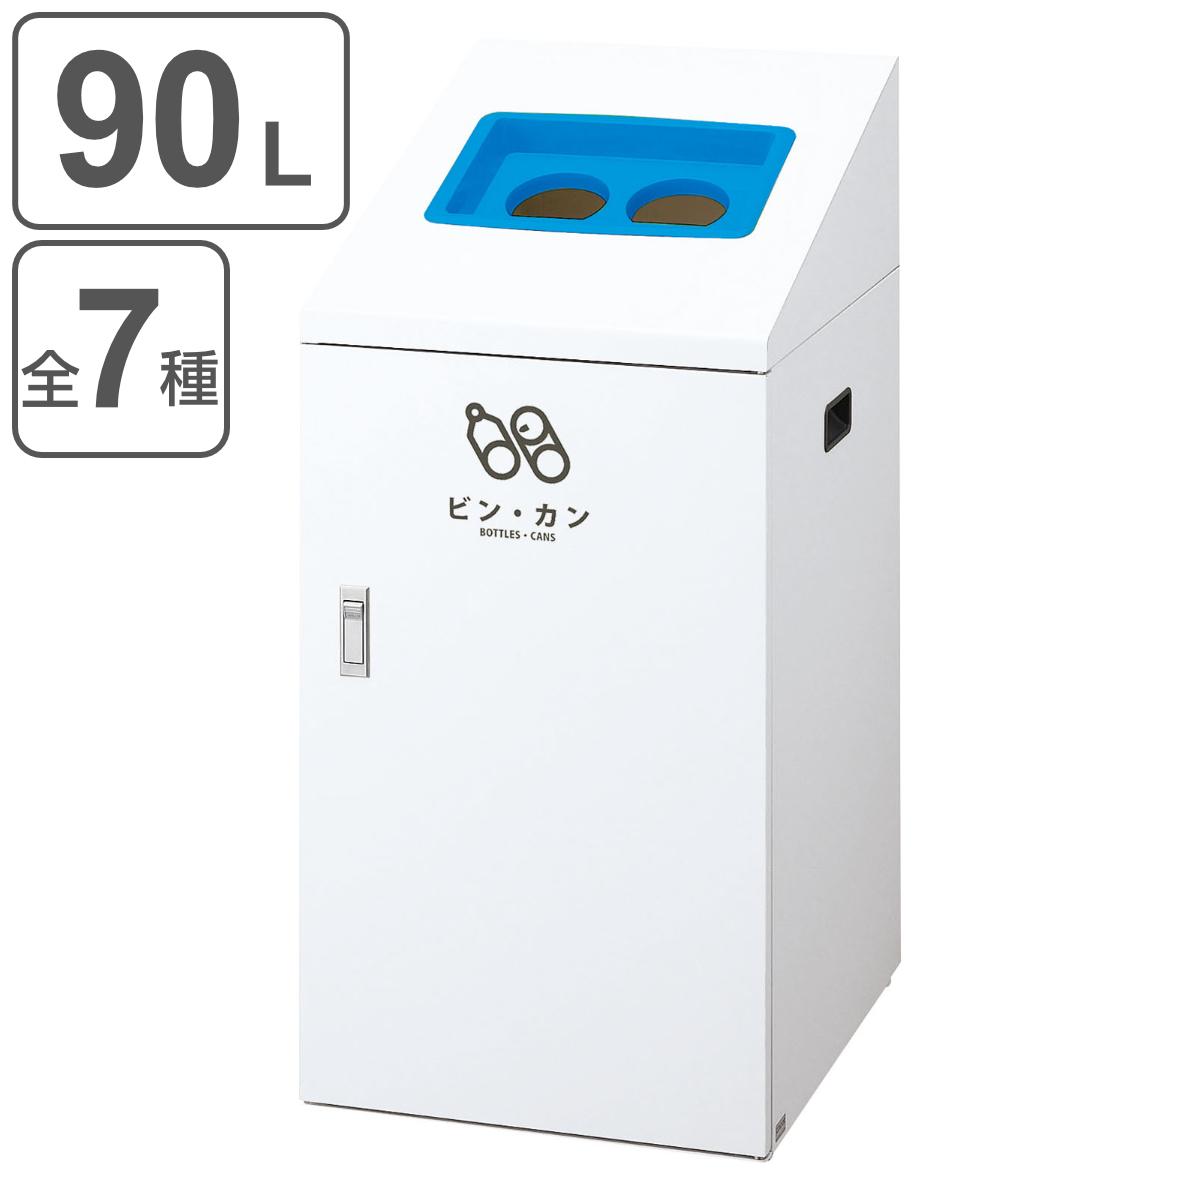 分別ゴミ箱 屋内用 リサイクルボックス TI-90 ( 送料無料 ダストボックス 屑入れ 業務用 )